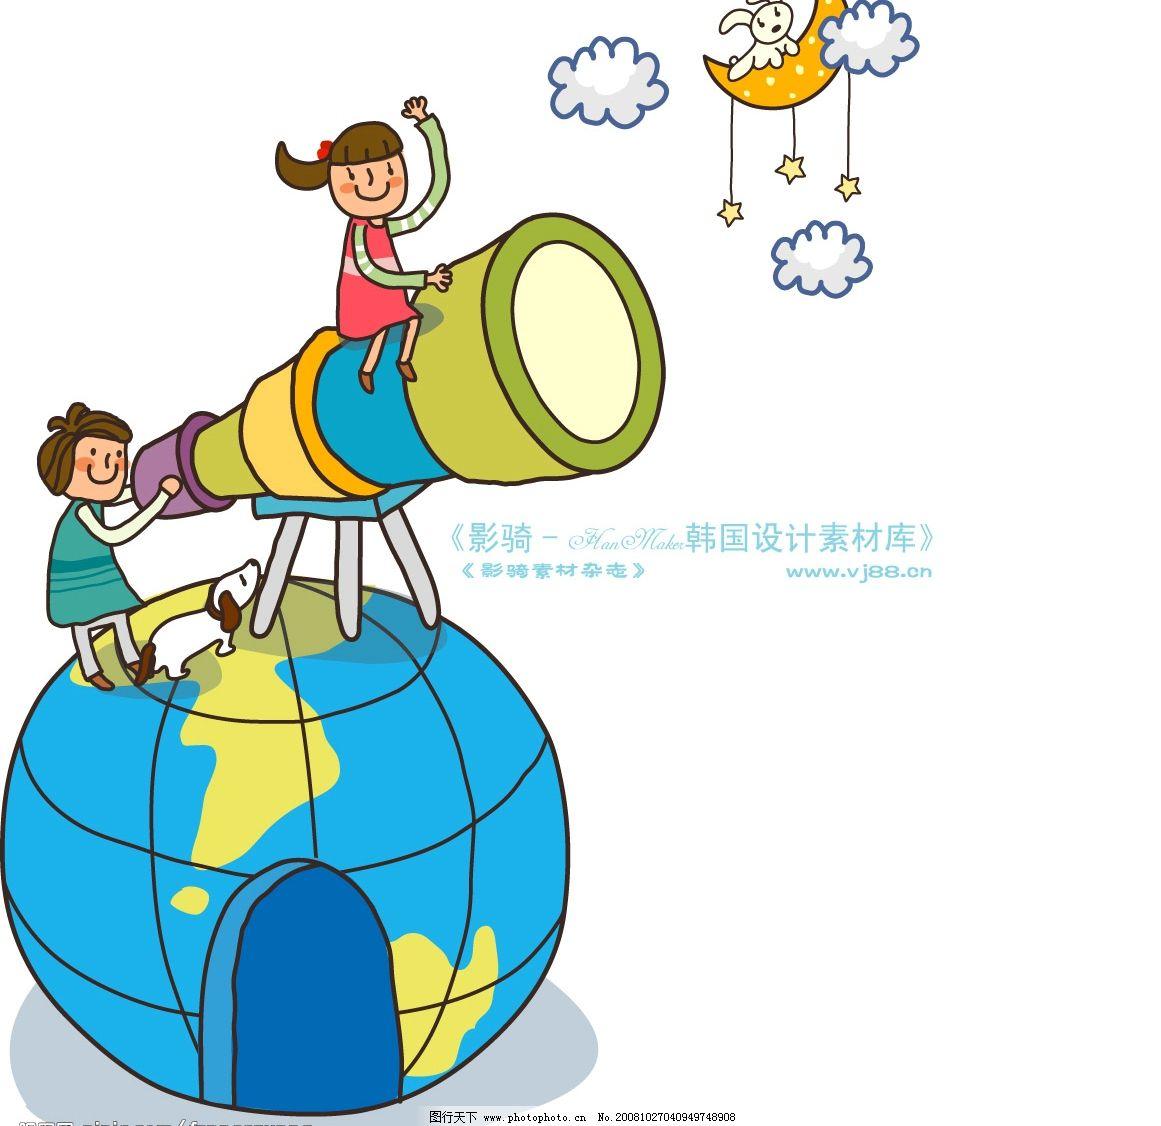 卡通快乐儿童插画图片_动画素材_flash动画_图行天下